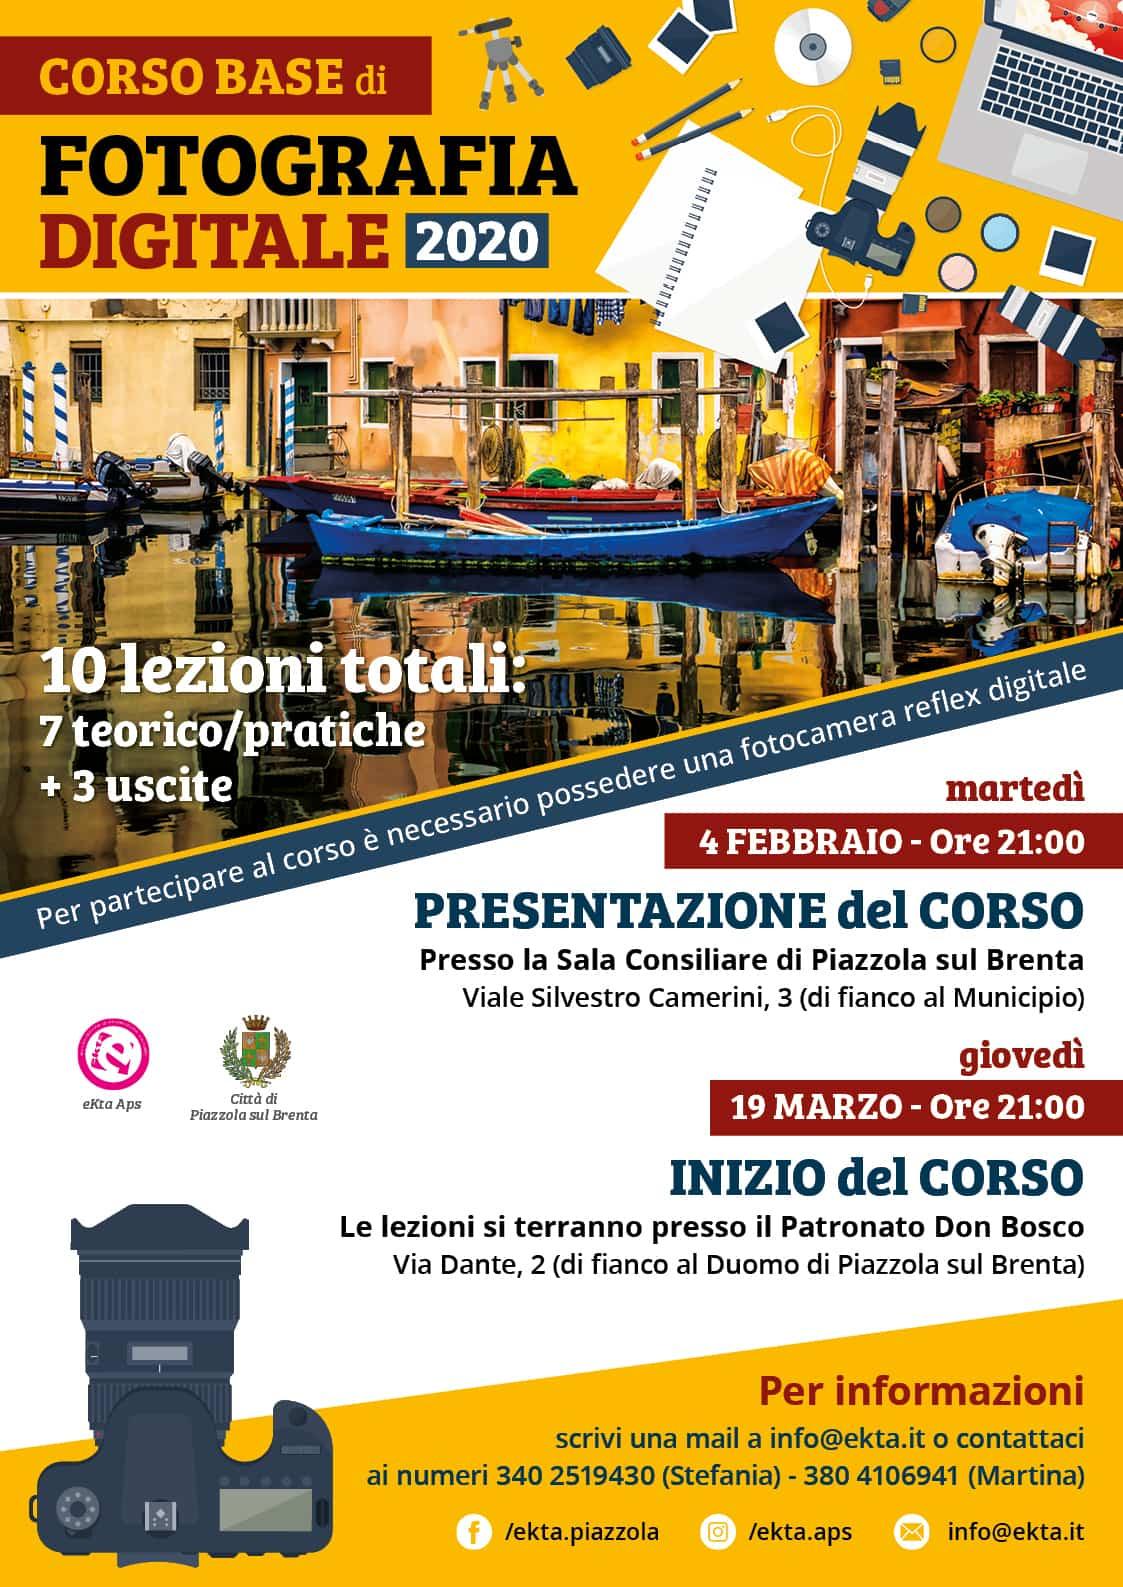 eKta-Corso-Fotografia-digitale-base-2020